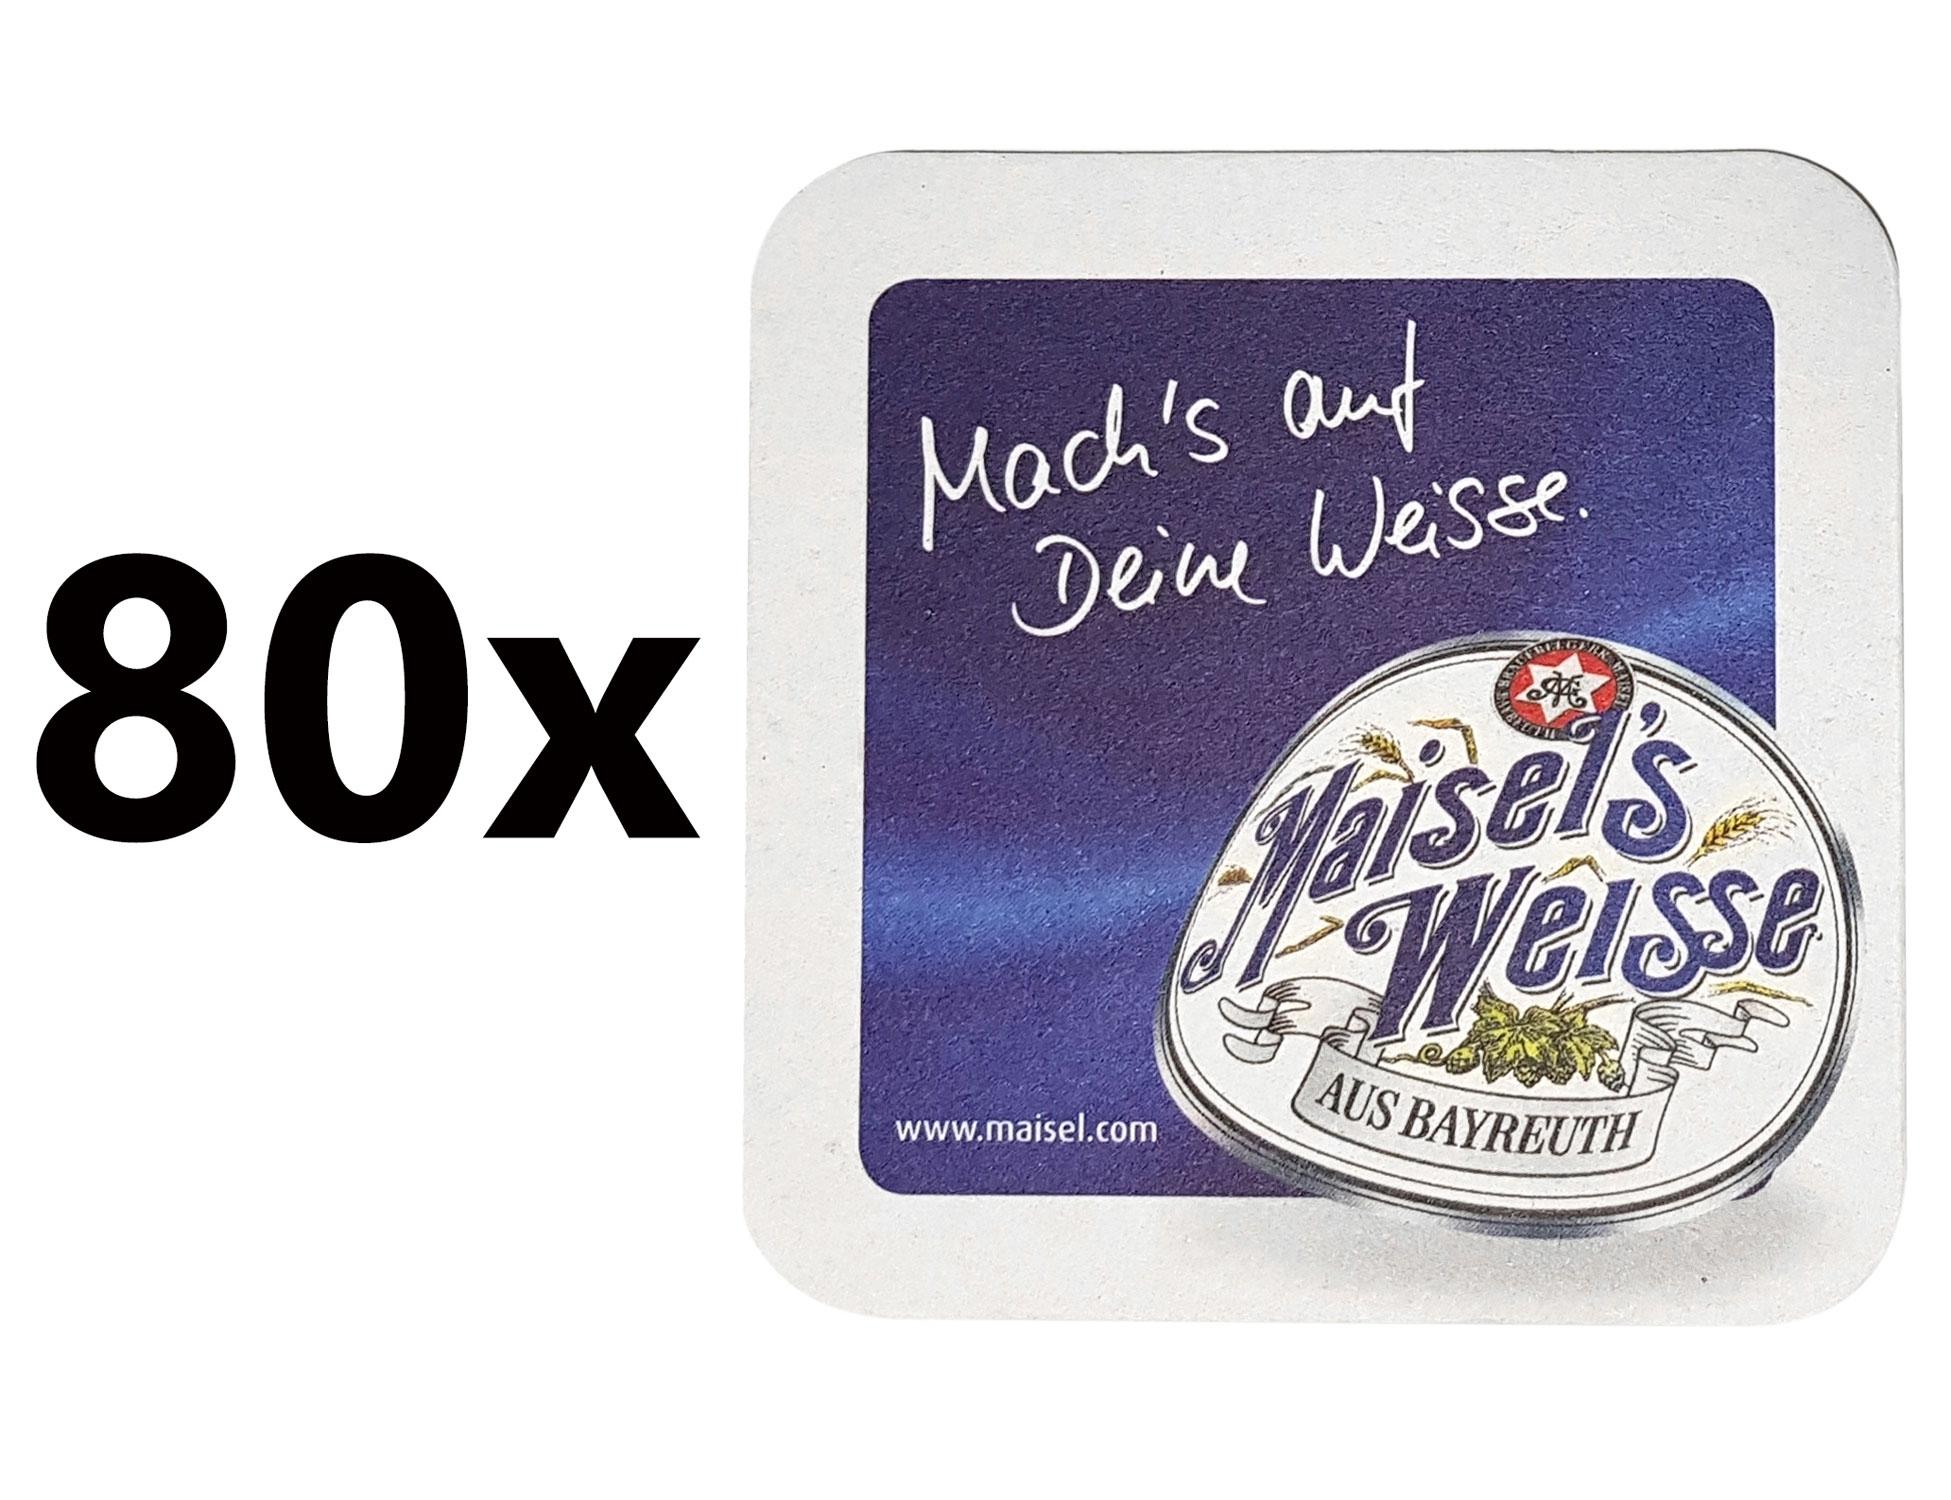 Maisels Weisse Bierdeckel Untersetzer Unterlage Pappdeckel Bierfilz - 80er Packung